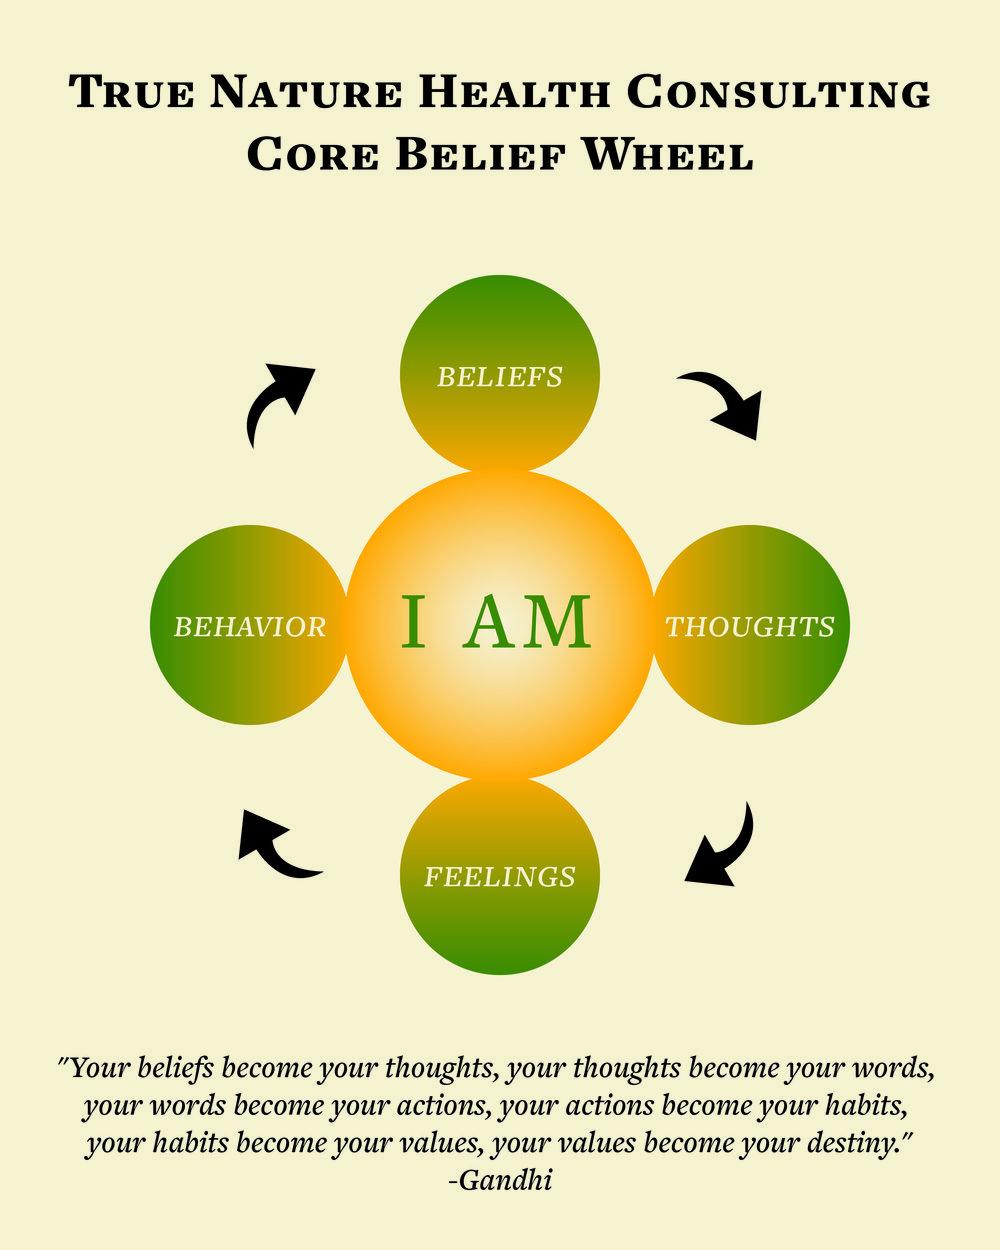 True_Nature_Core_Belief_Wheel.jpg